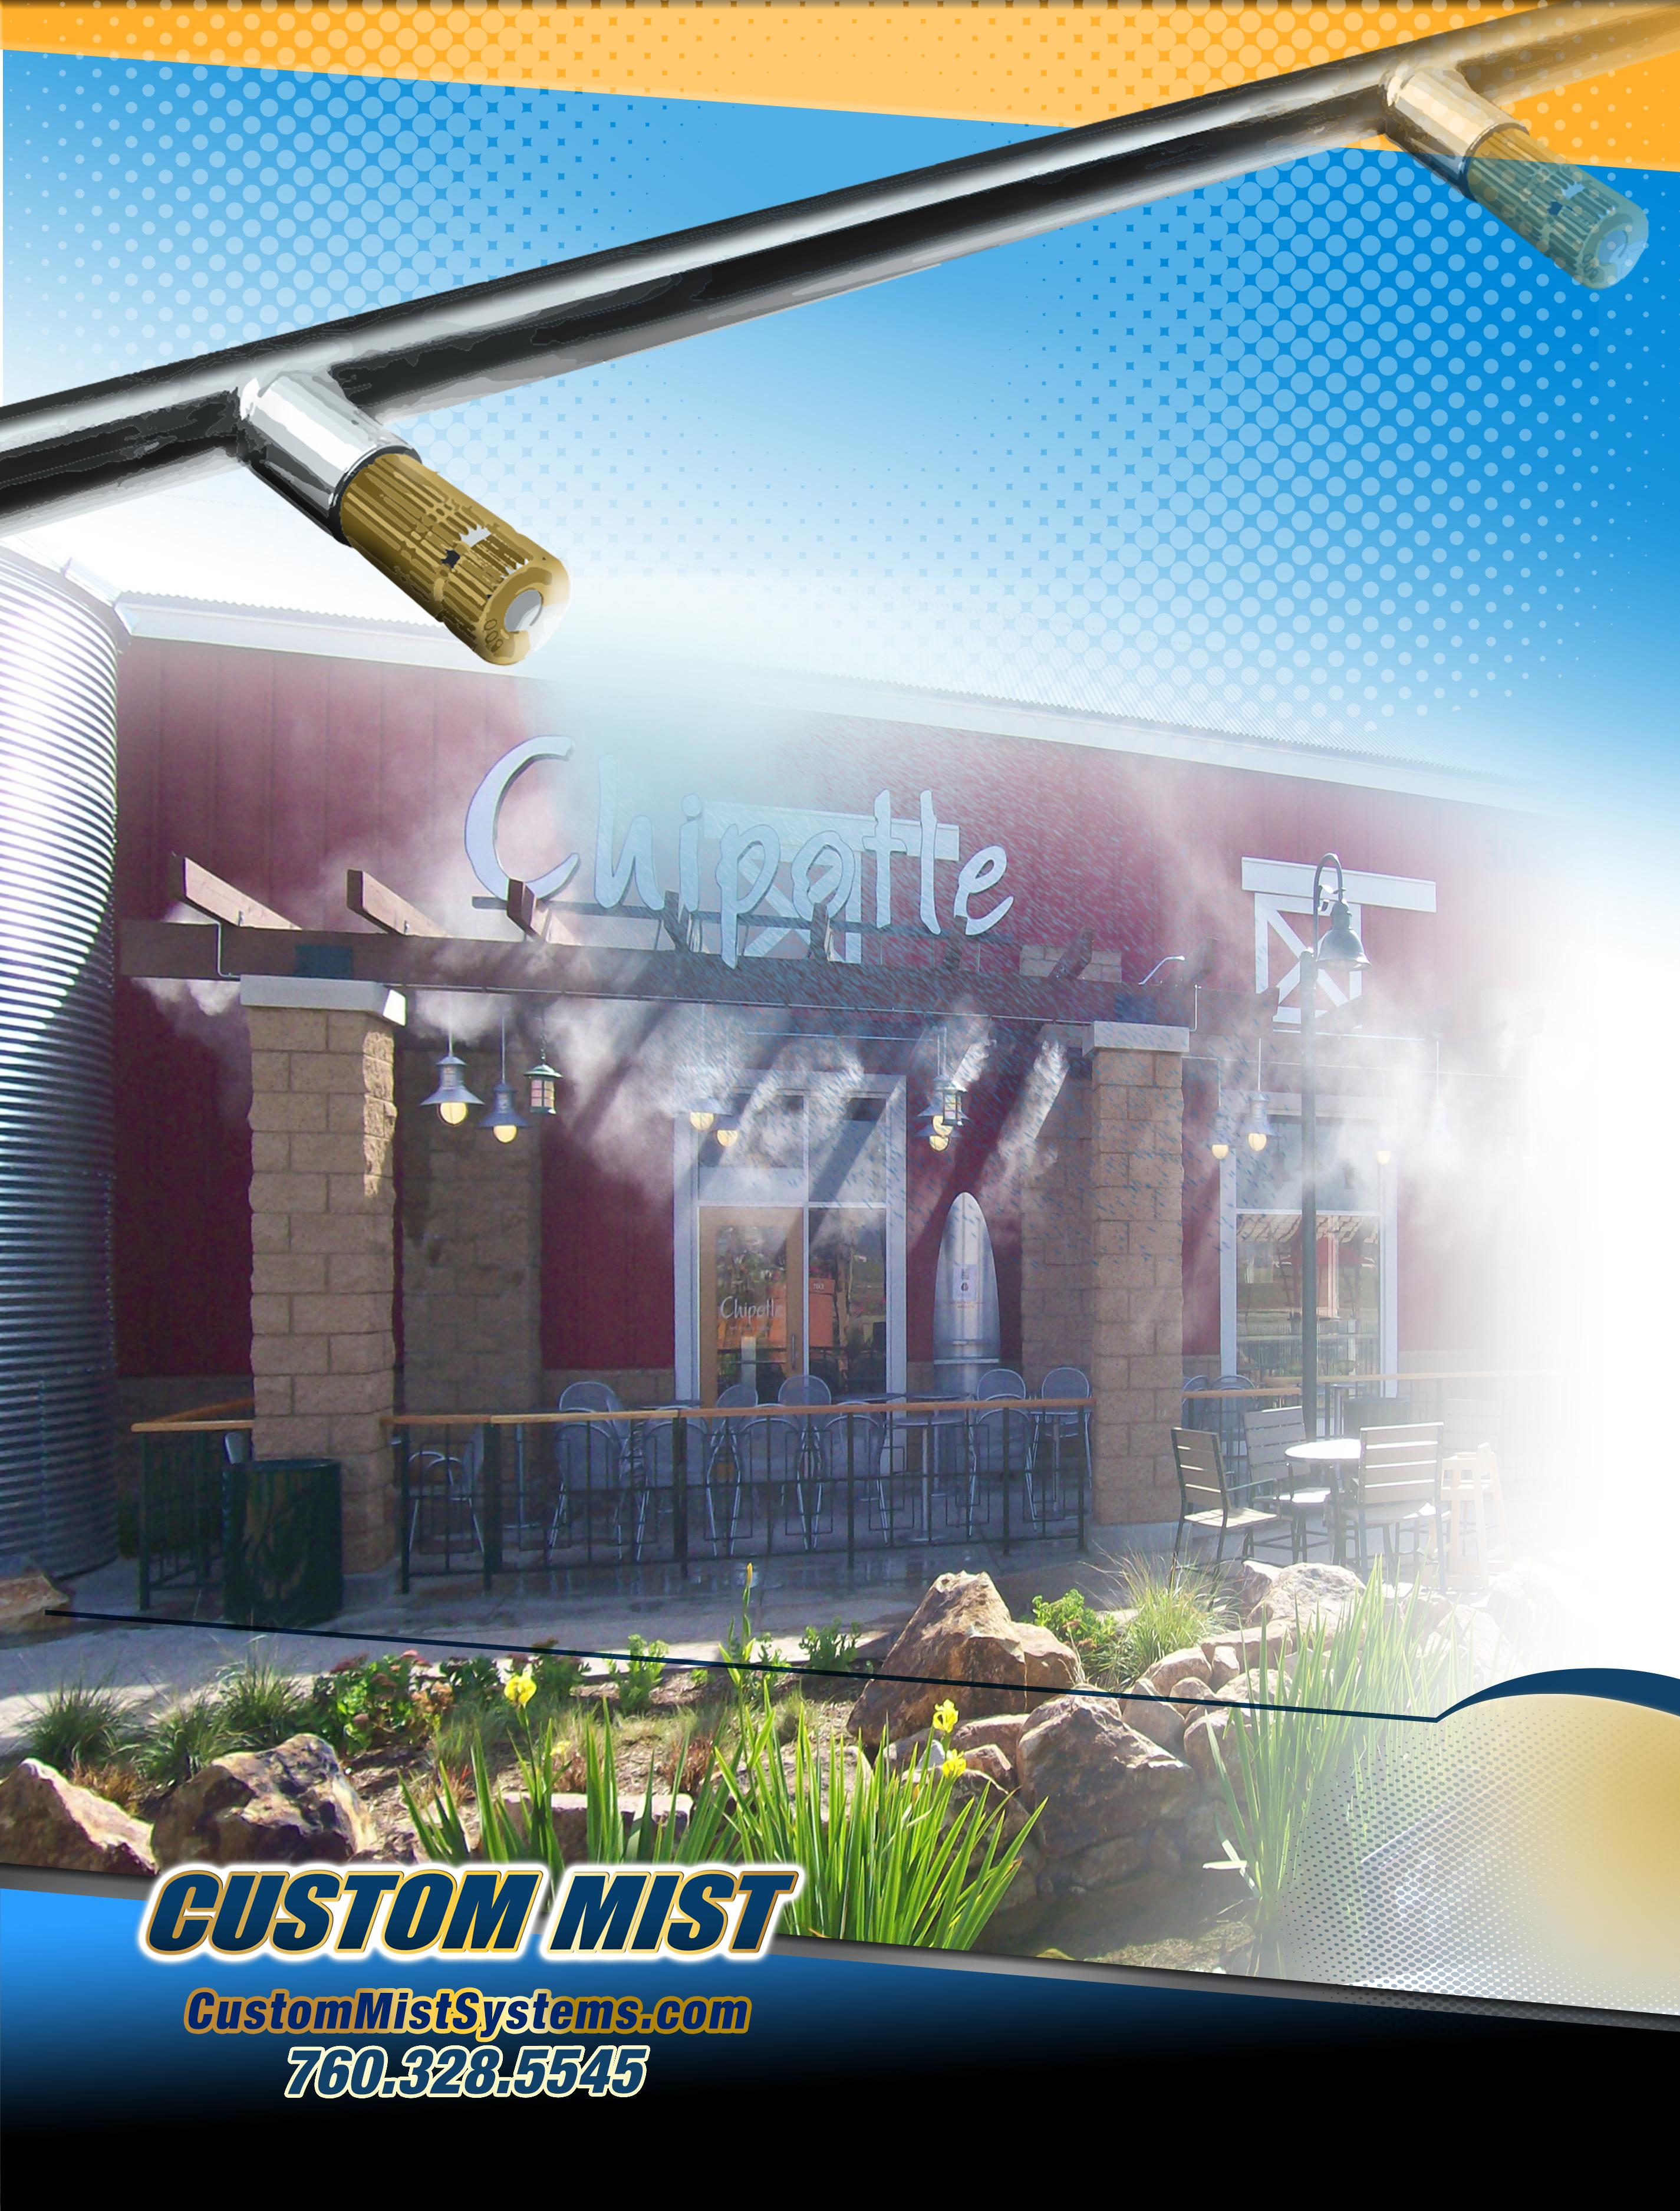 Custom Mist Inc. image 2